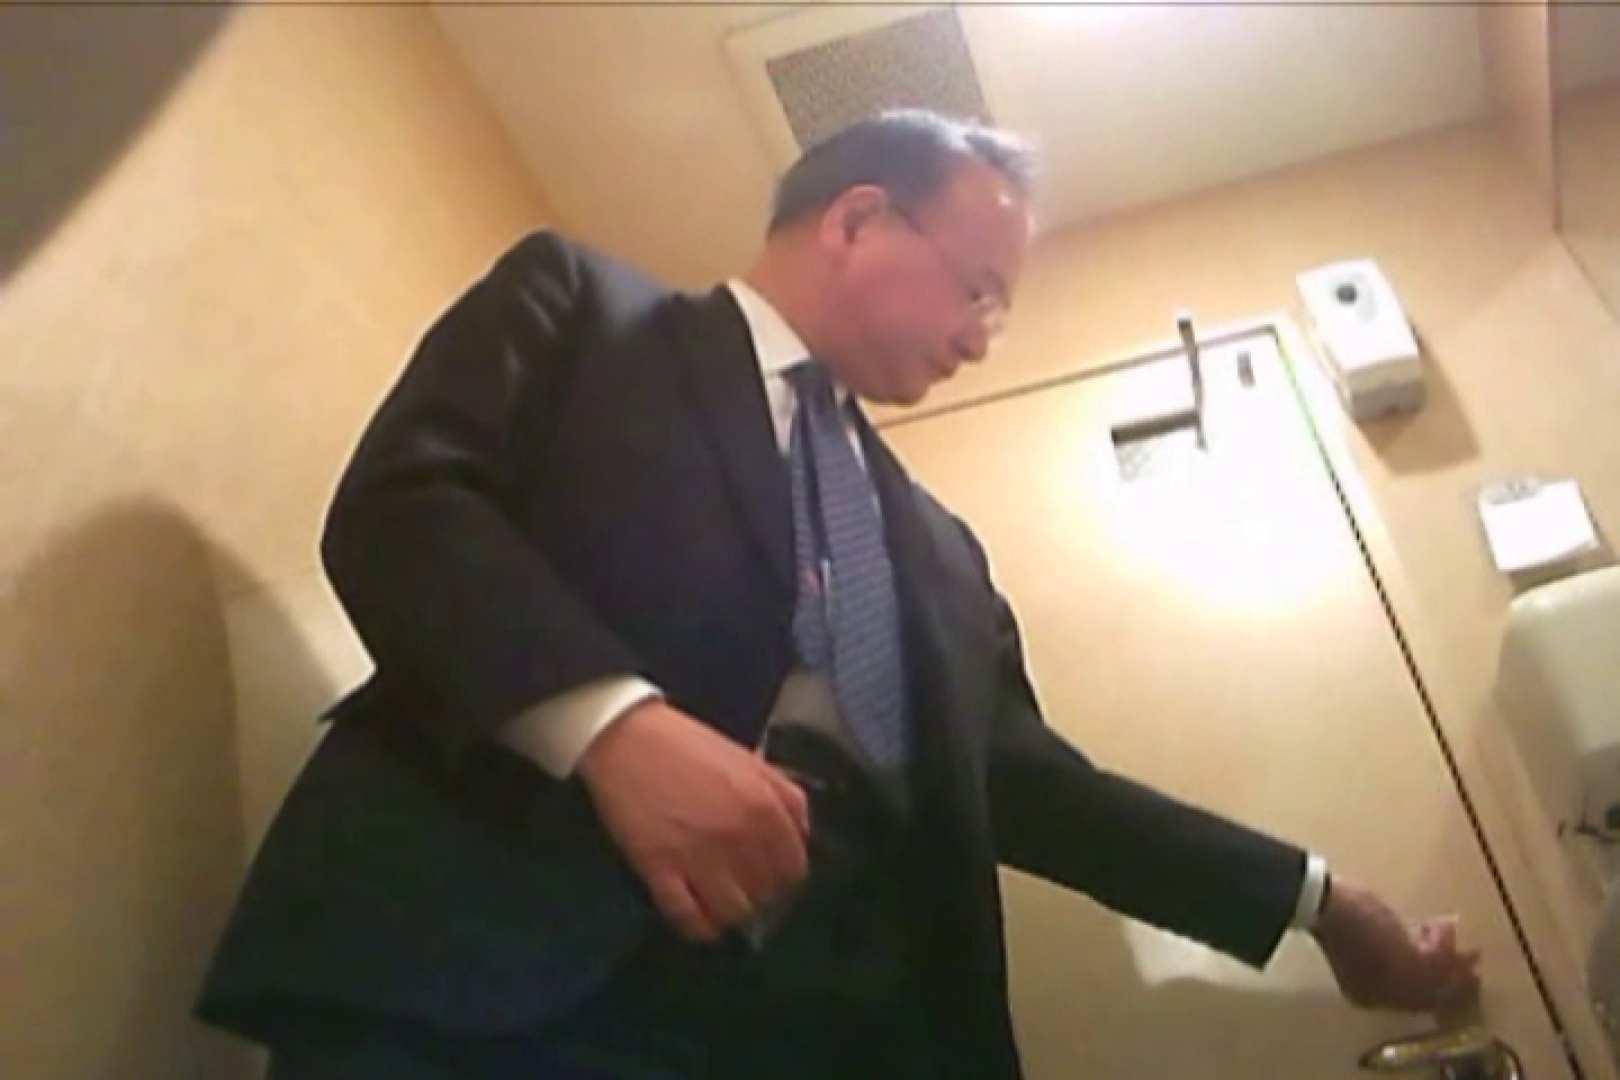 SEASON 2ND!掴み取りさんの洗面所覗き!in新幹線!VOL.21 ボーイズ私服 | 完全無修正でお届け  110pic 16